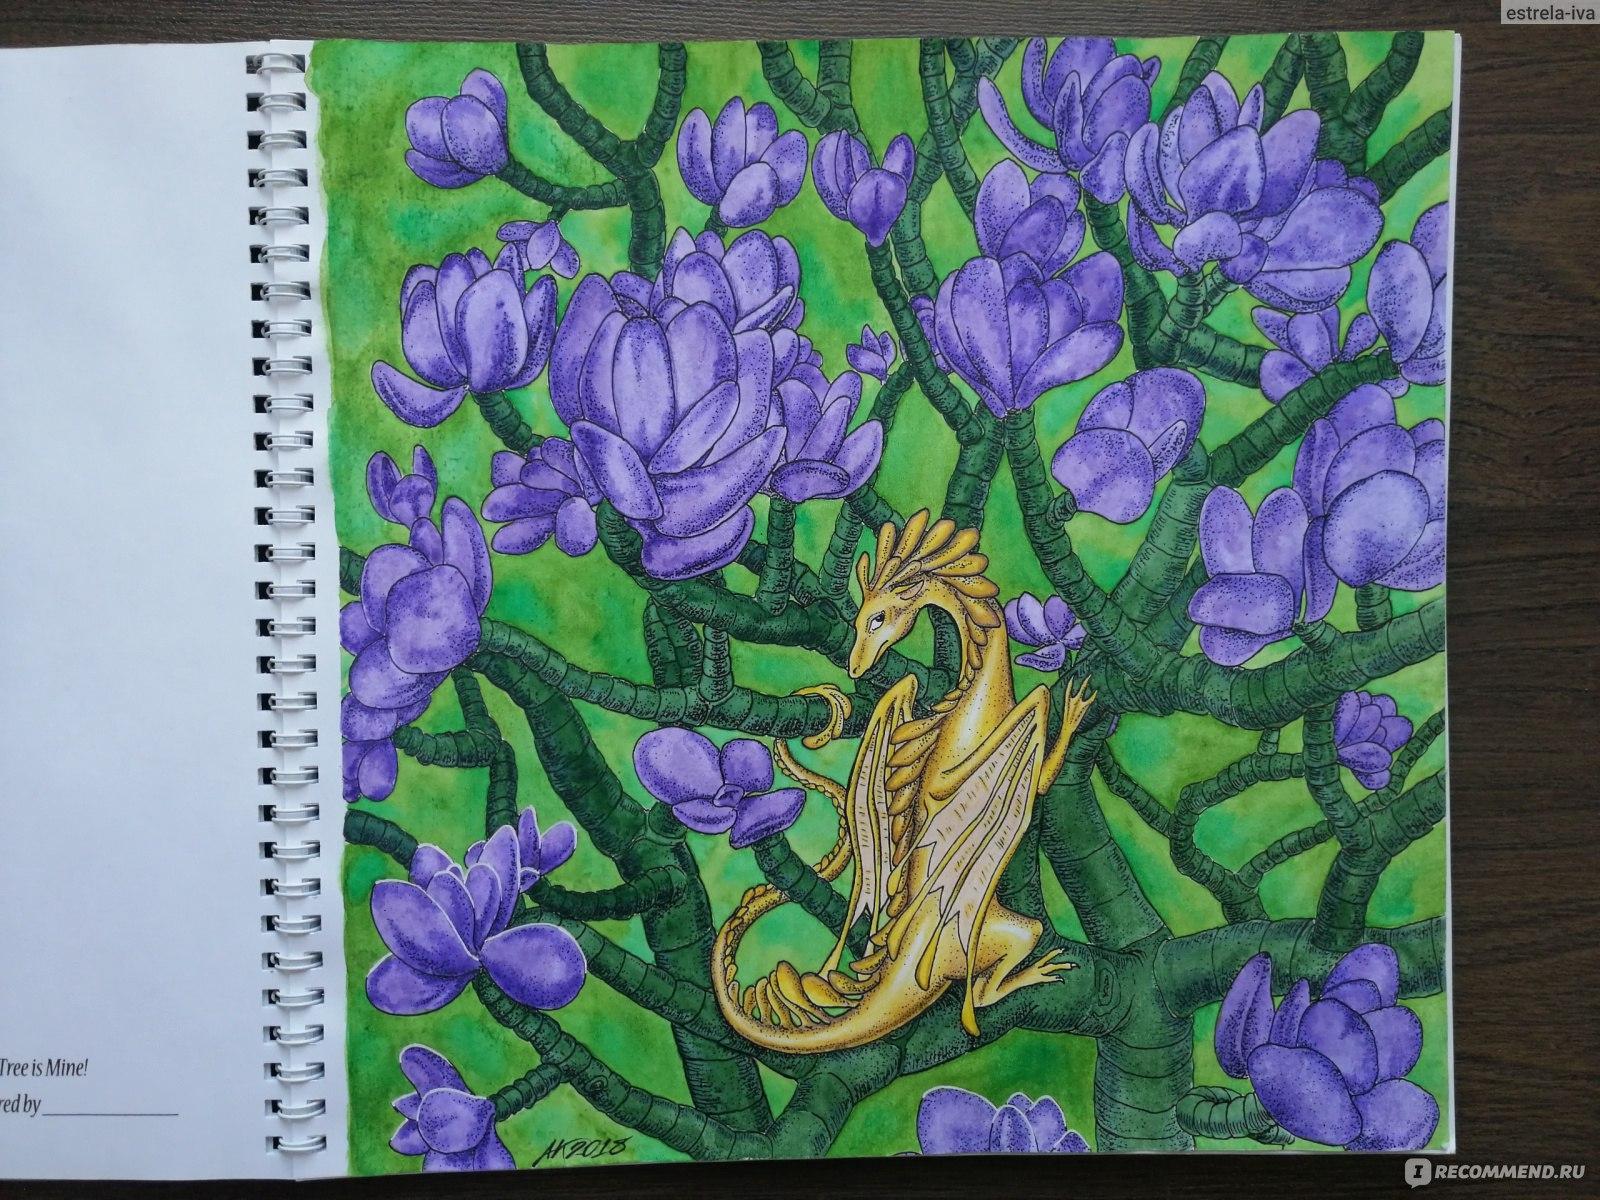 Раскраска для взрослых «Когда драконы мечтают...» («When ...